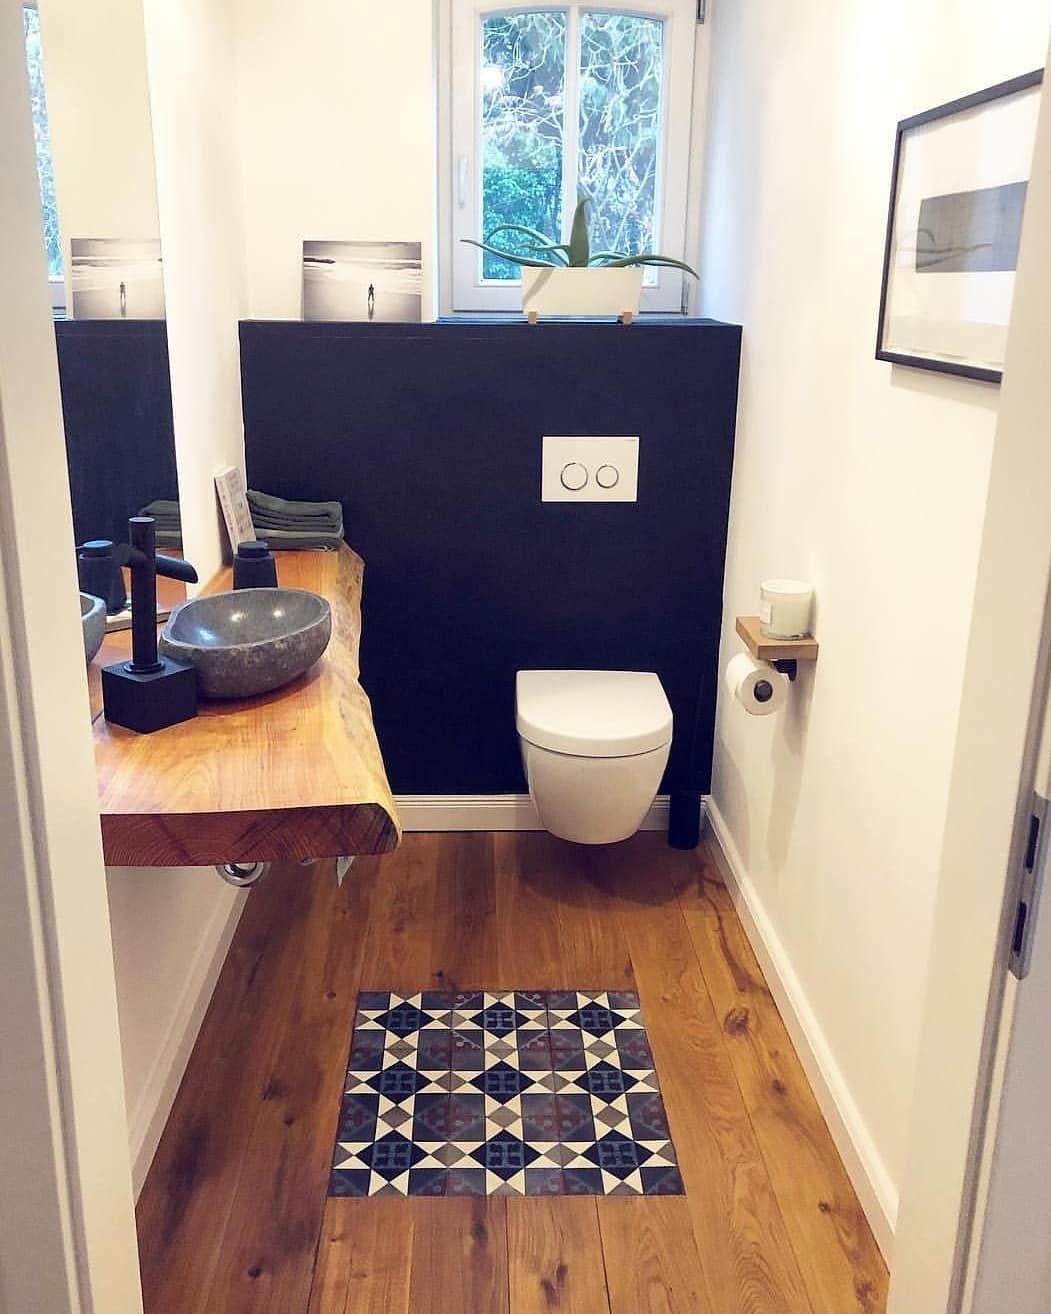 [Werbung] Gäste WC und Küche von @betonpfoten . . . .  #schreiner#parkett #betonfliesen #badeværelse #salledebain  #chantier #bagno… #schönegärten